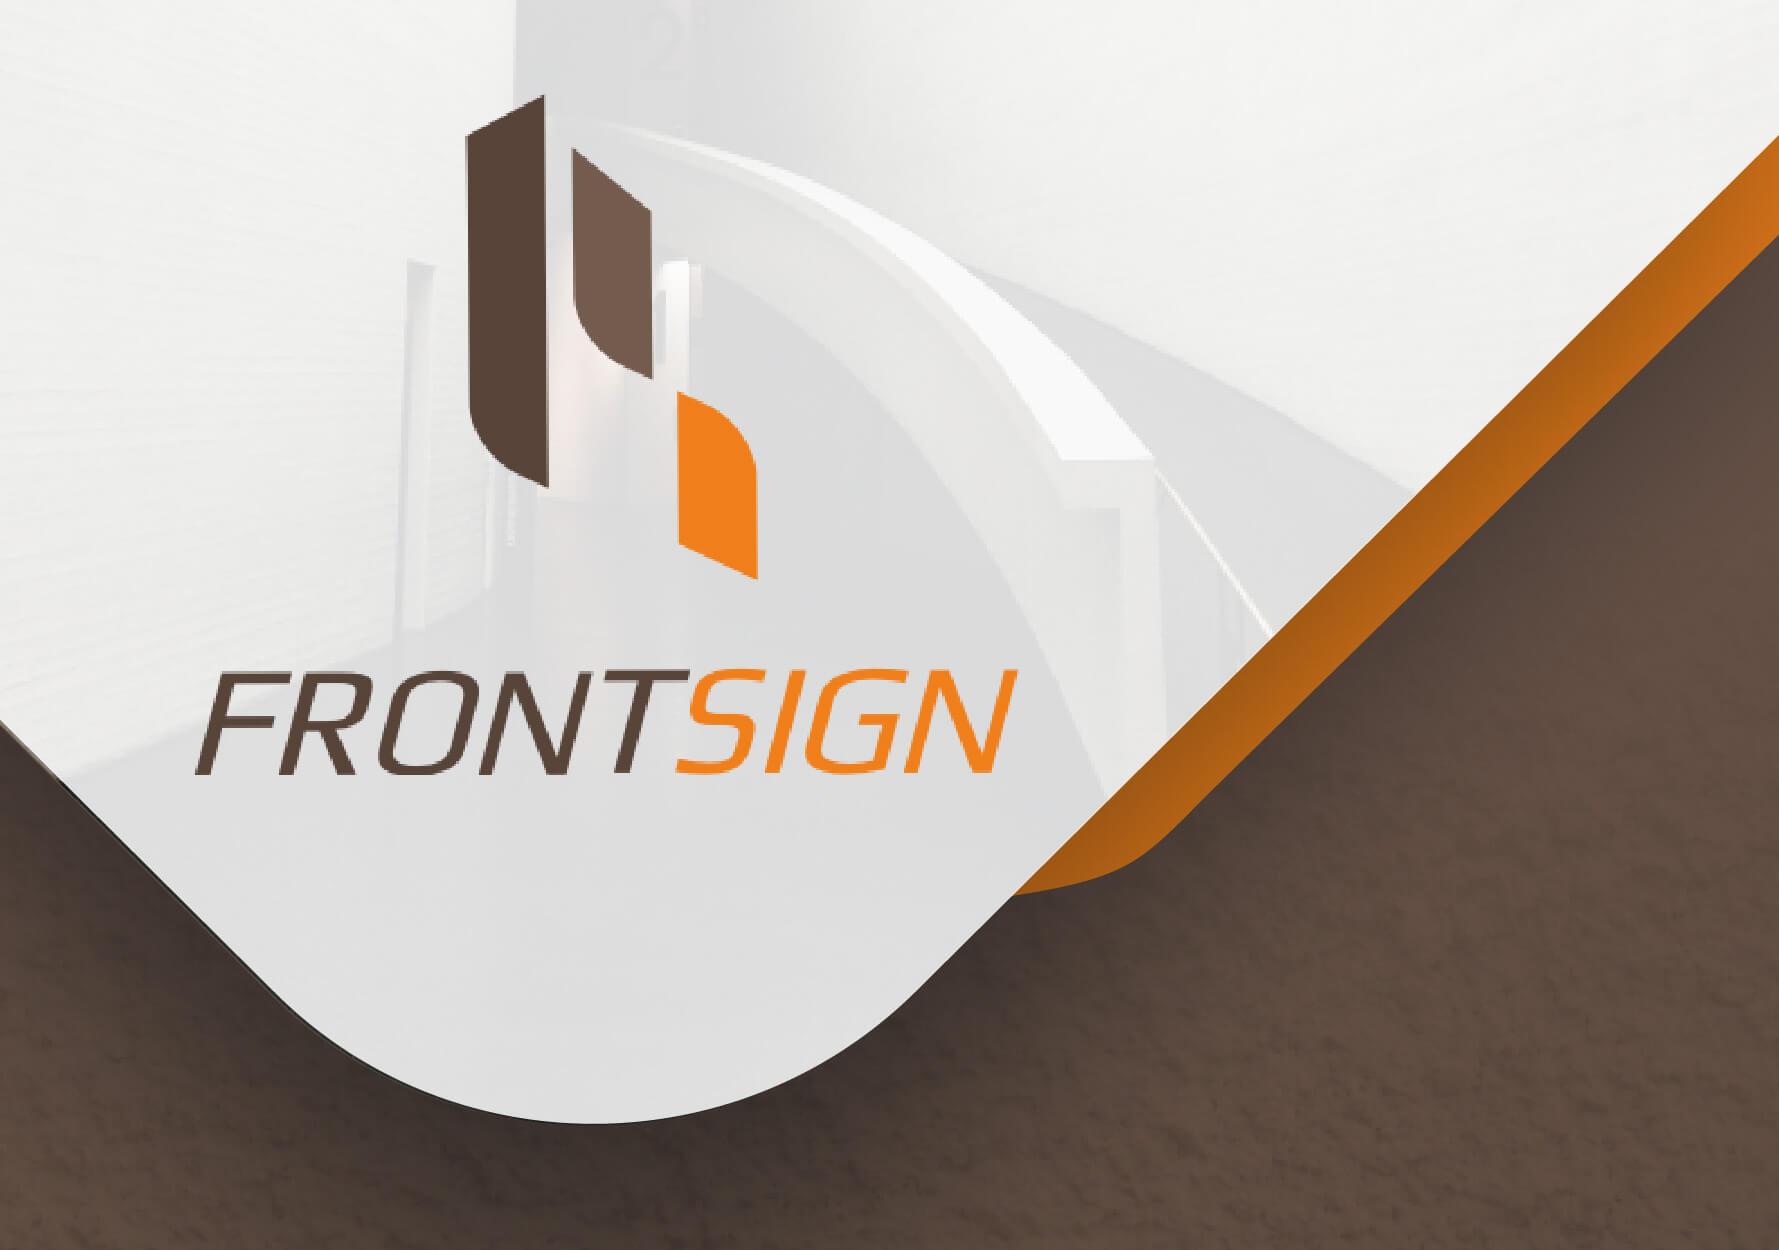 Frontsign